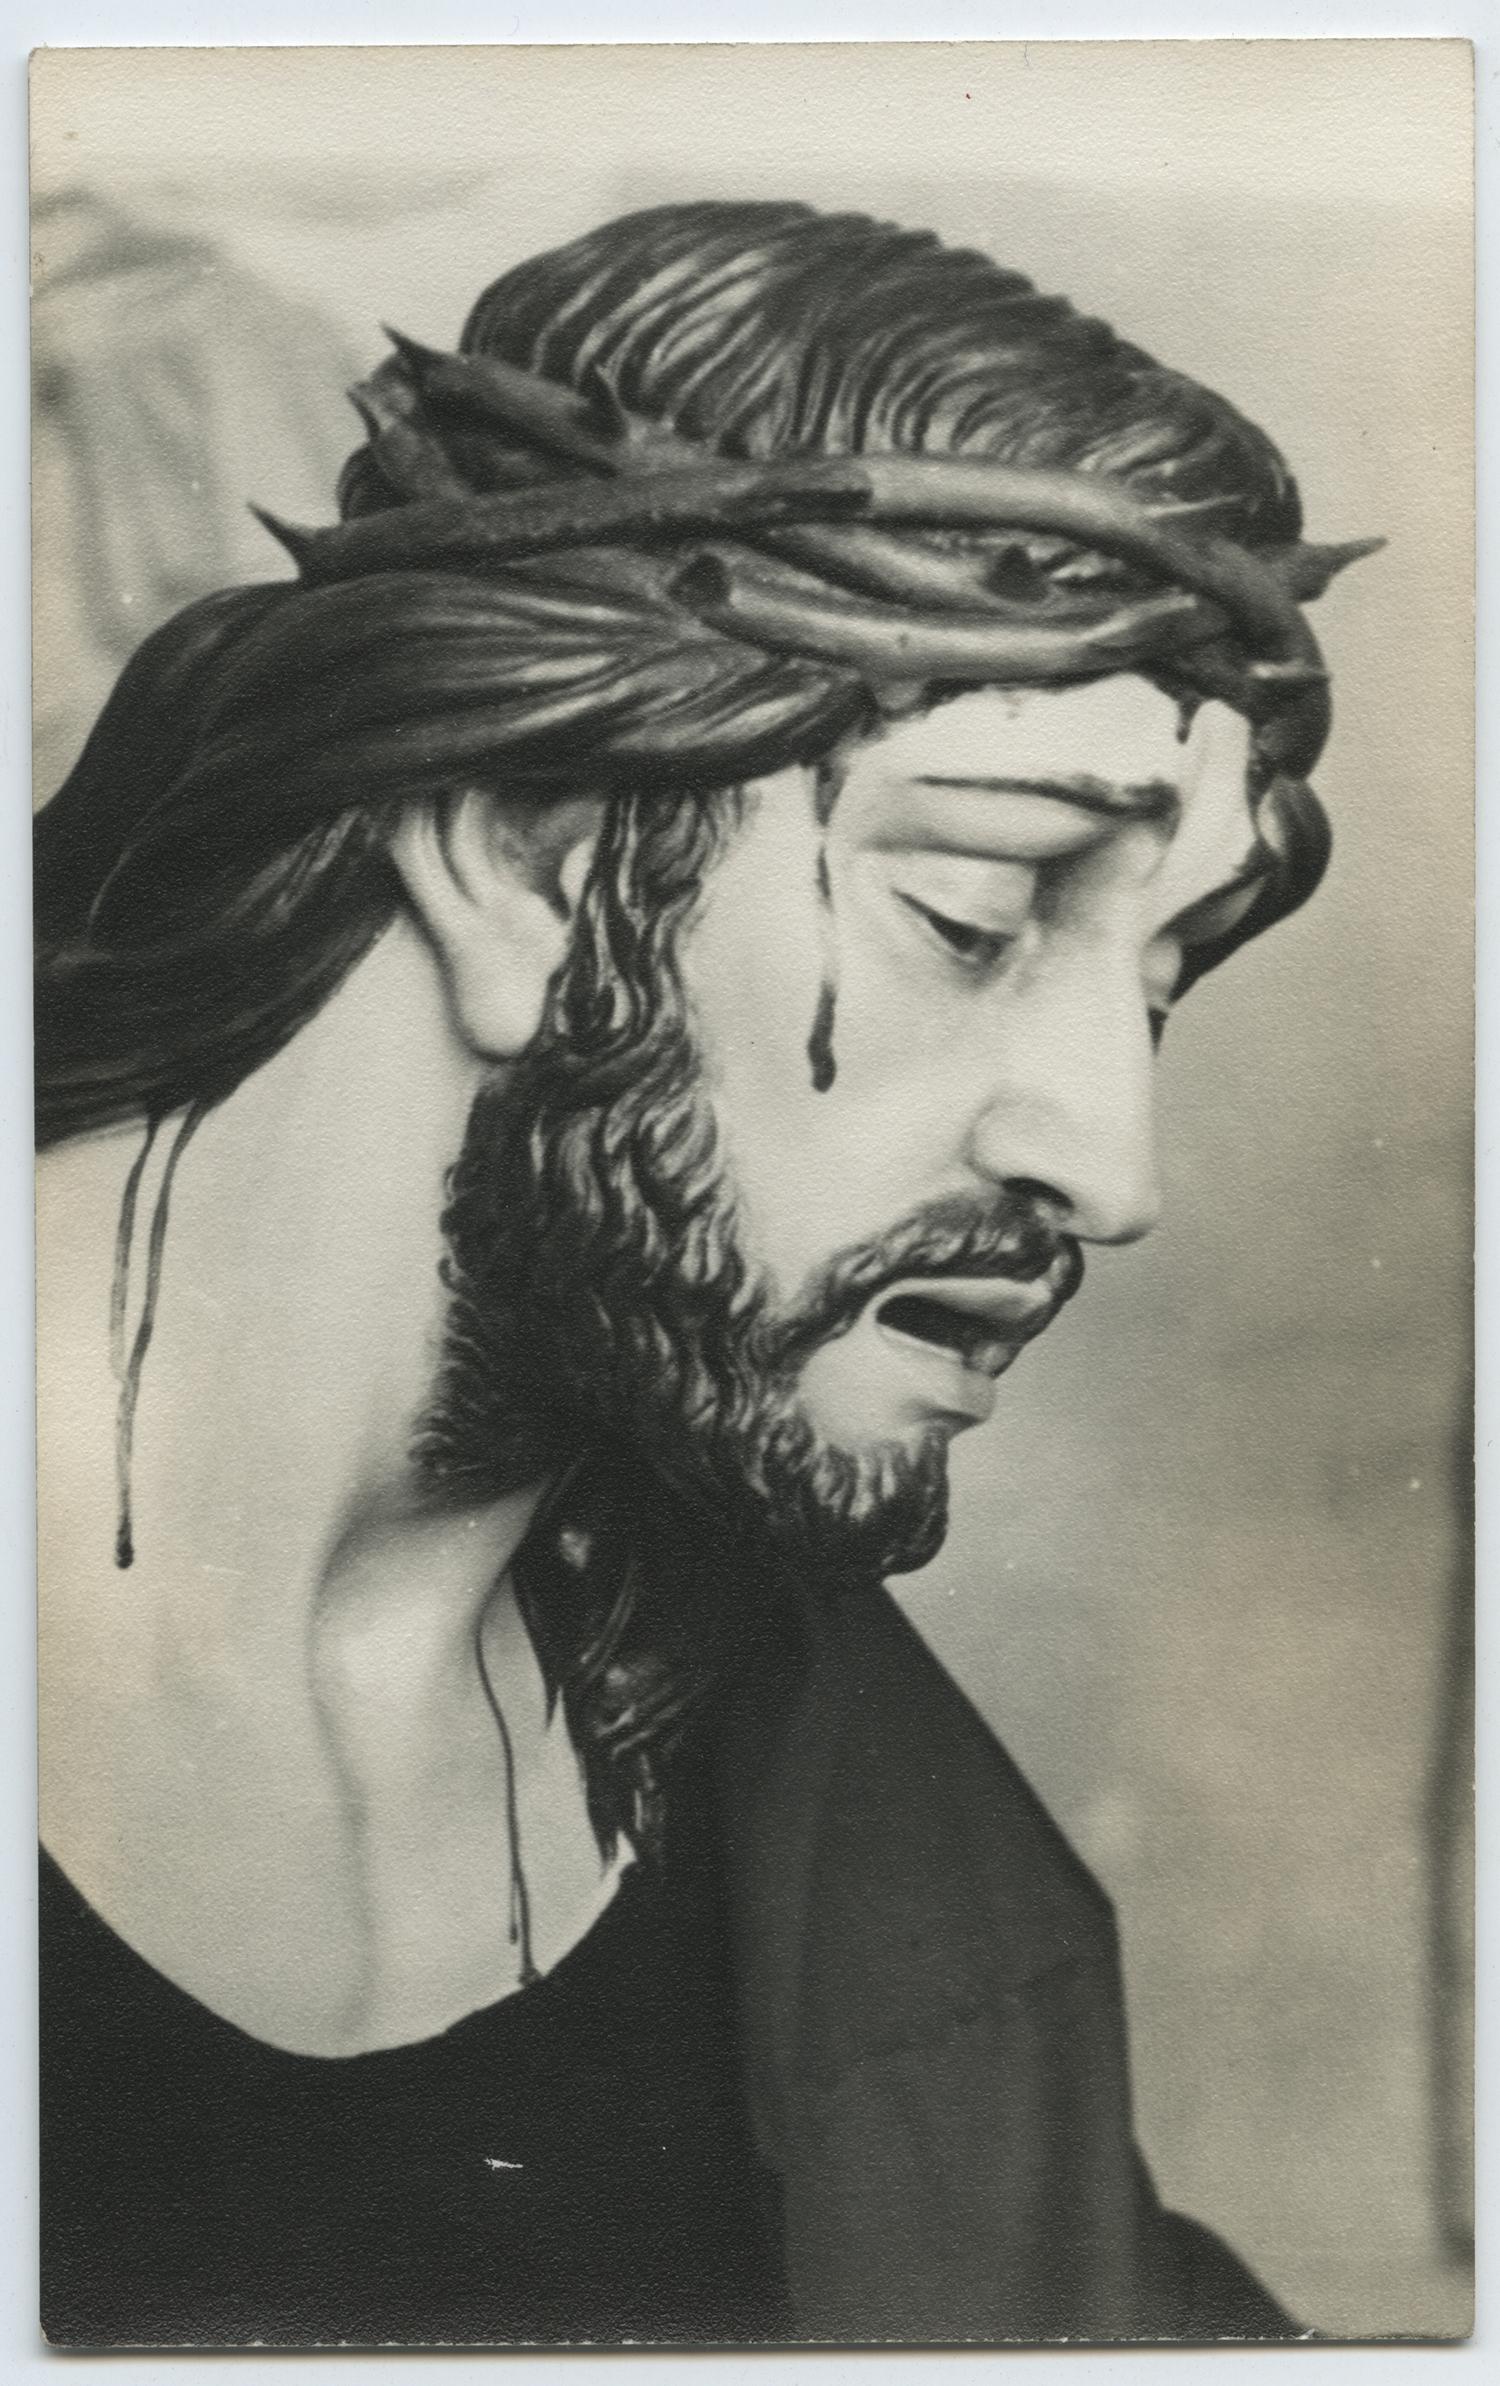 1960.5. Jesús Caído o Nuestro Padre de los Agravios. Paso procesional. Talla en madera de pino policromada. Iglesia de Santa María del Collado, Santisteban del Puerto, Jaén. 1960